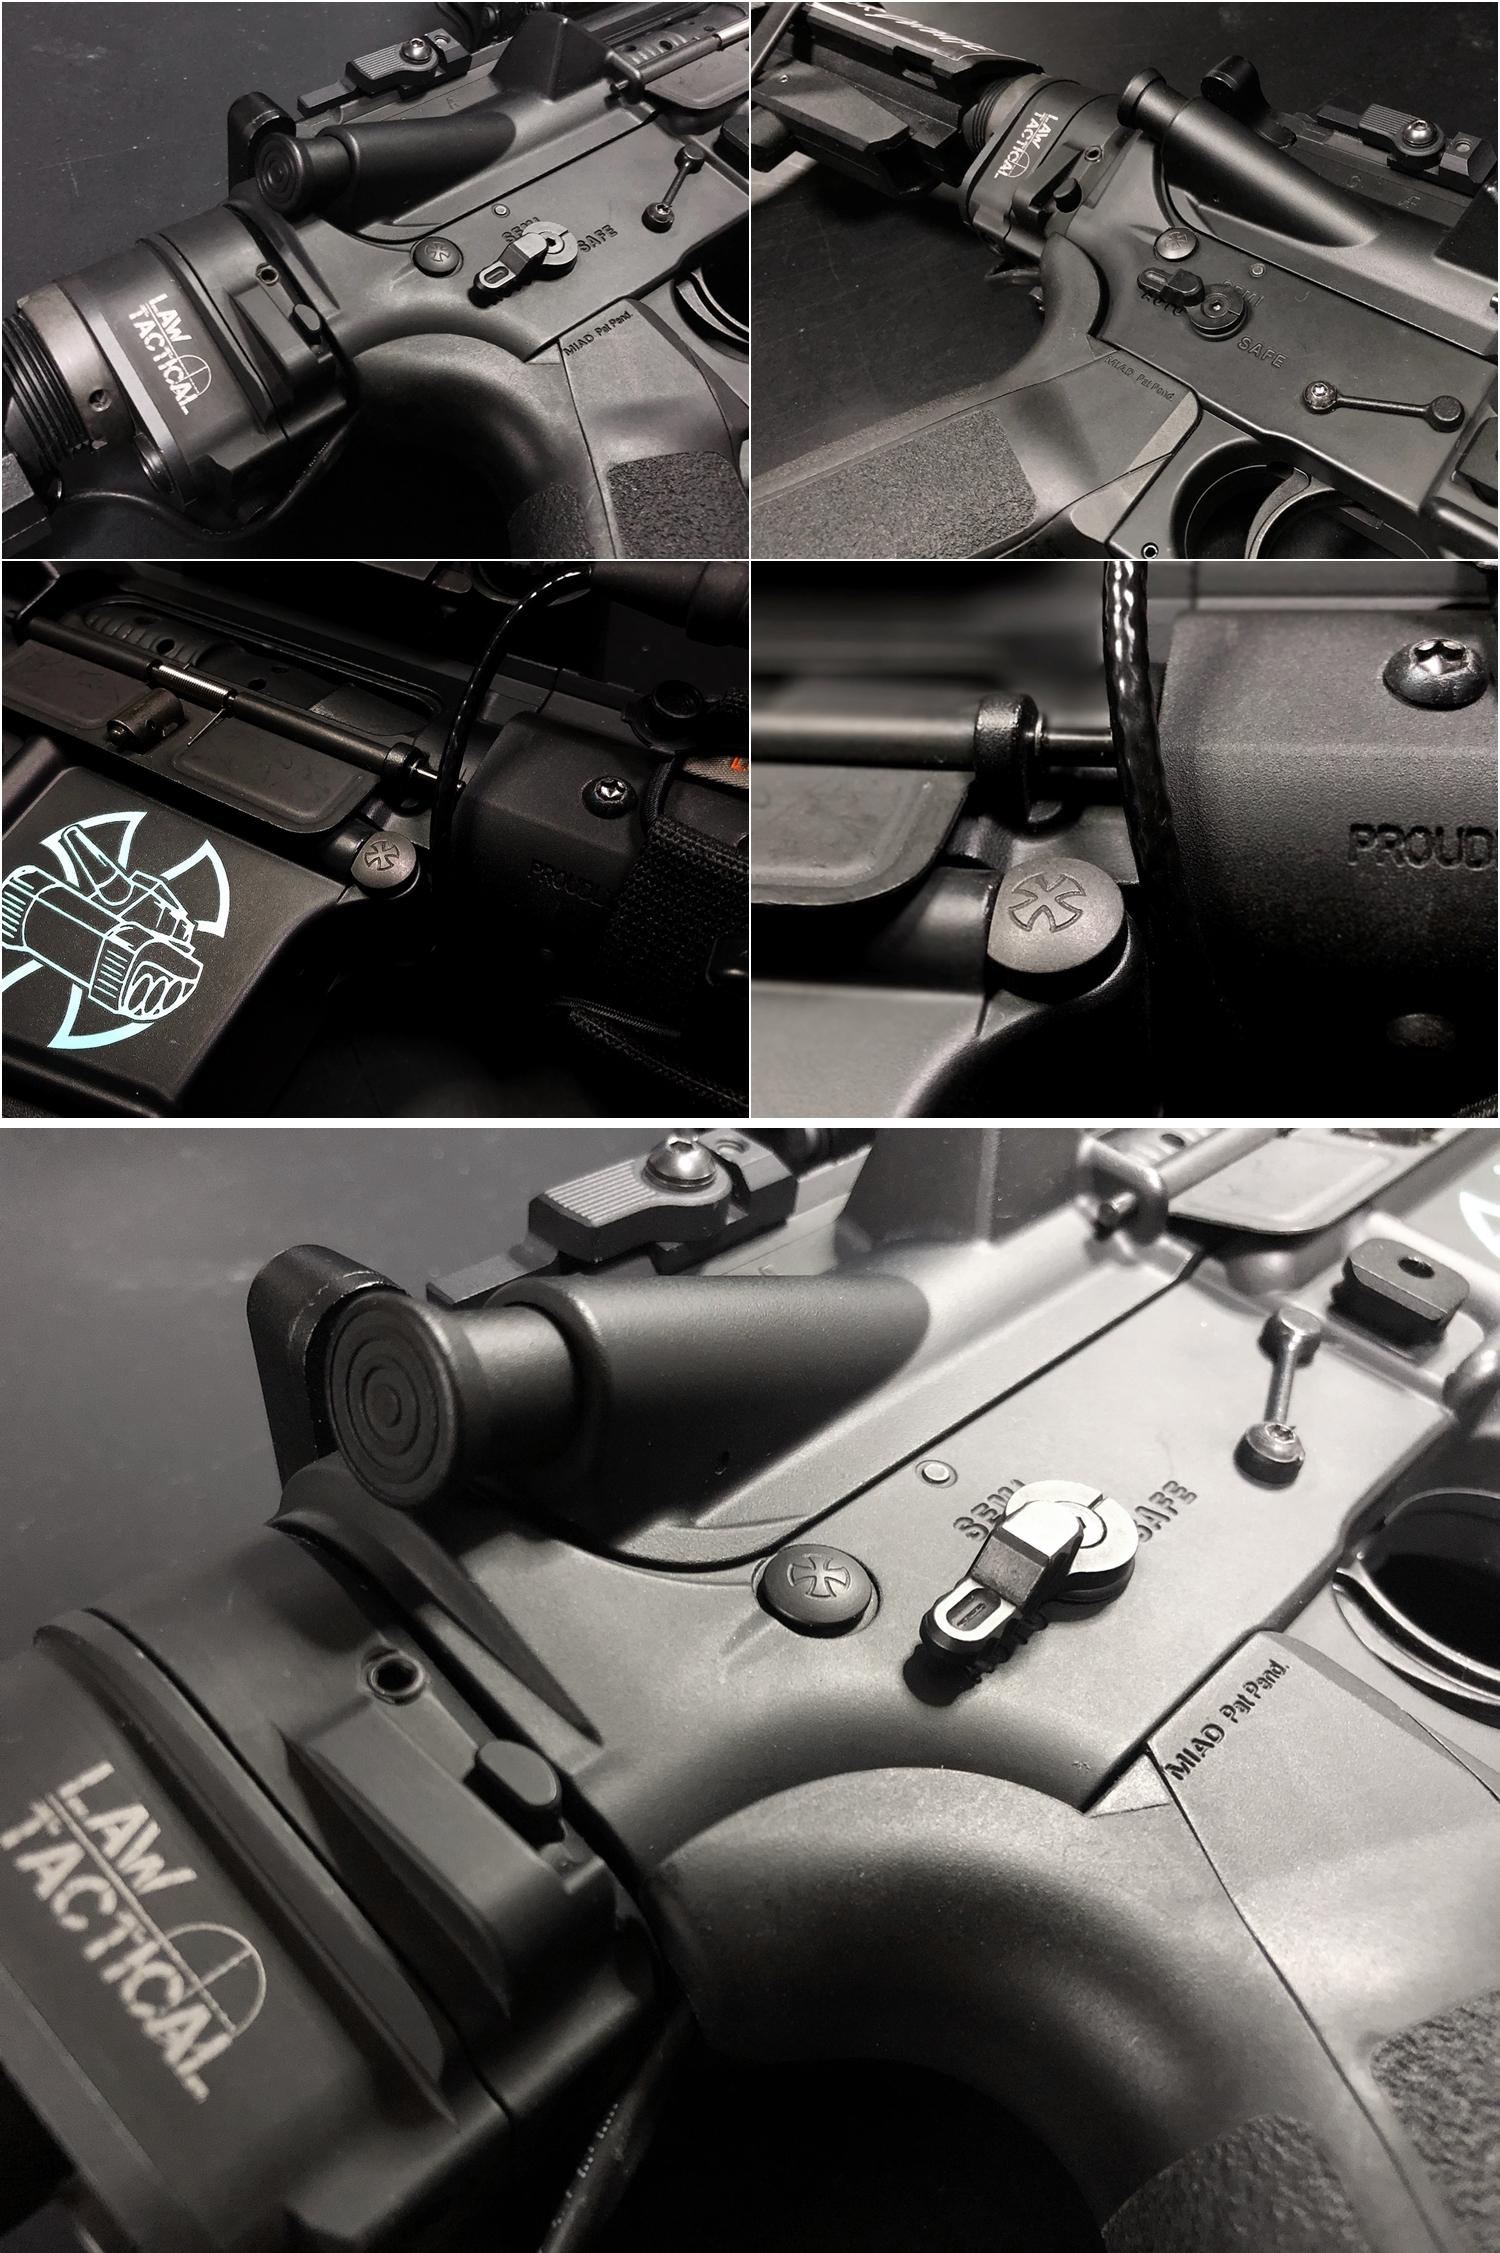 24 実物 NOVESKE AR-15 TAKEDOWN & PIVOT STEEL PIN!! 実物ピンを次世代M4へ対応させるべく簡易的DIY加工だ!ノベスケ ノベスキー スチール テイクダウン ピポッドピン! DIY 加工 カスタム 簡易的 旋盤加工 取付 レビ